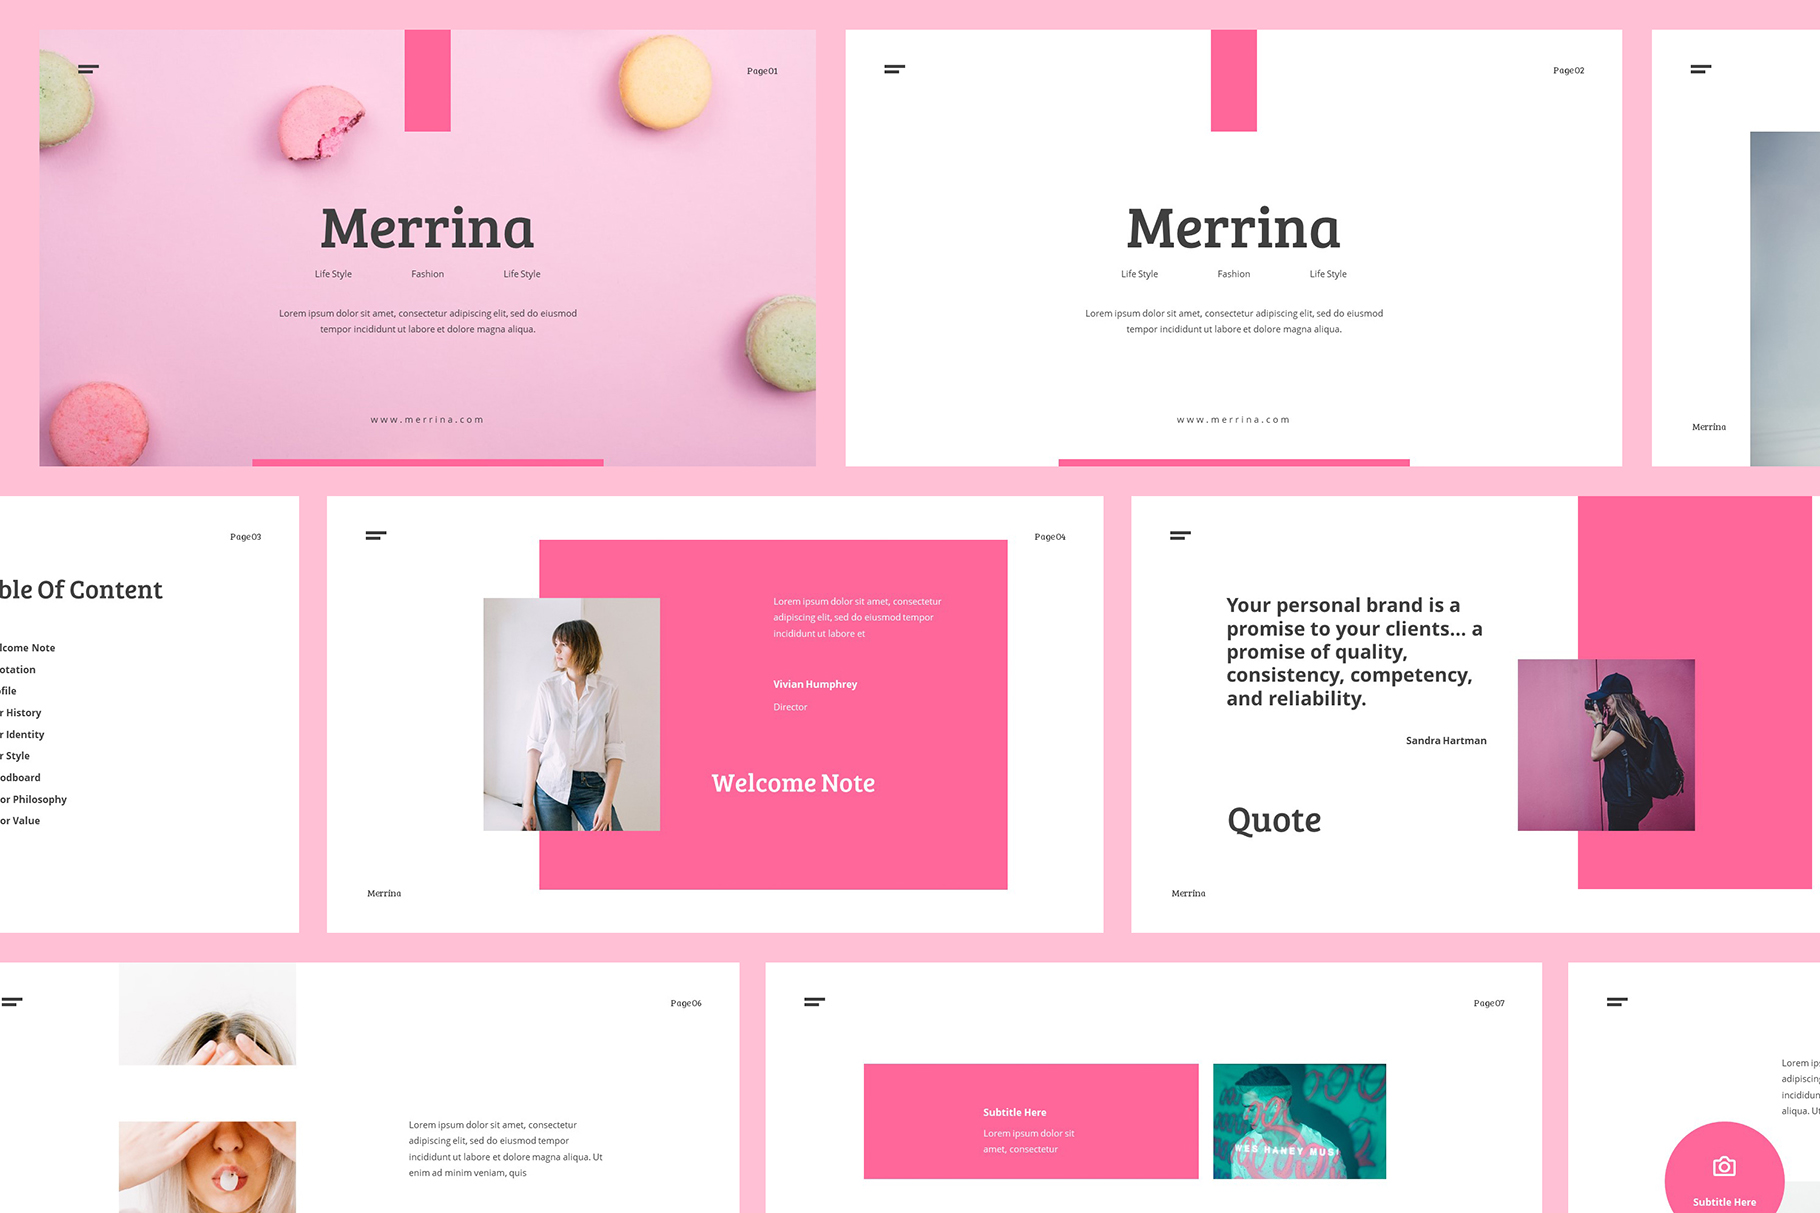 Merrina Brand Guideline Google Slide example image 2